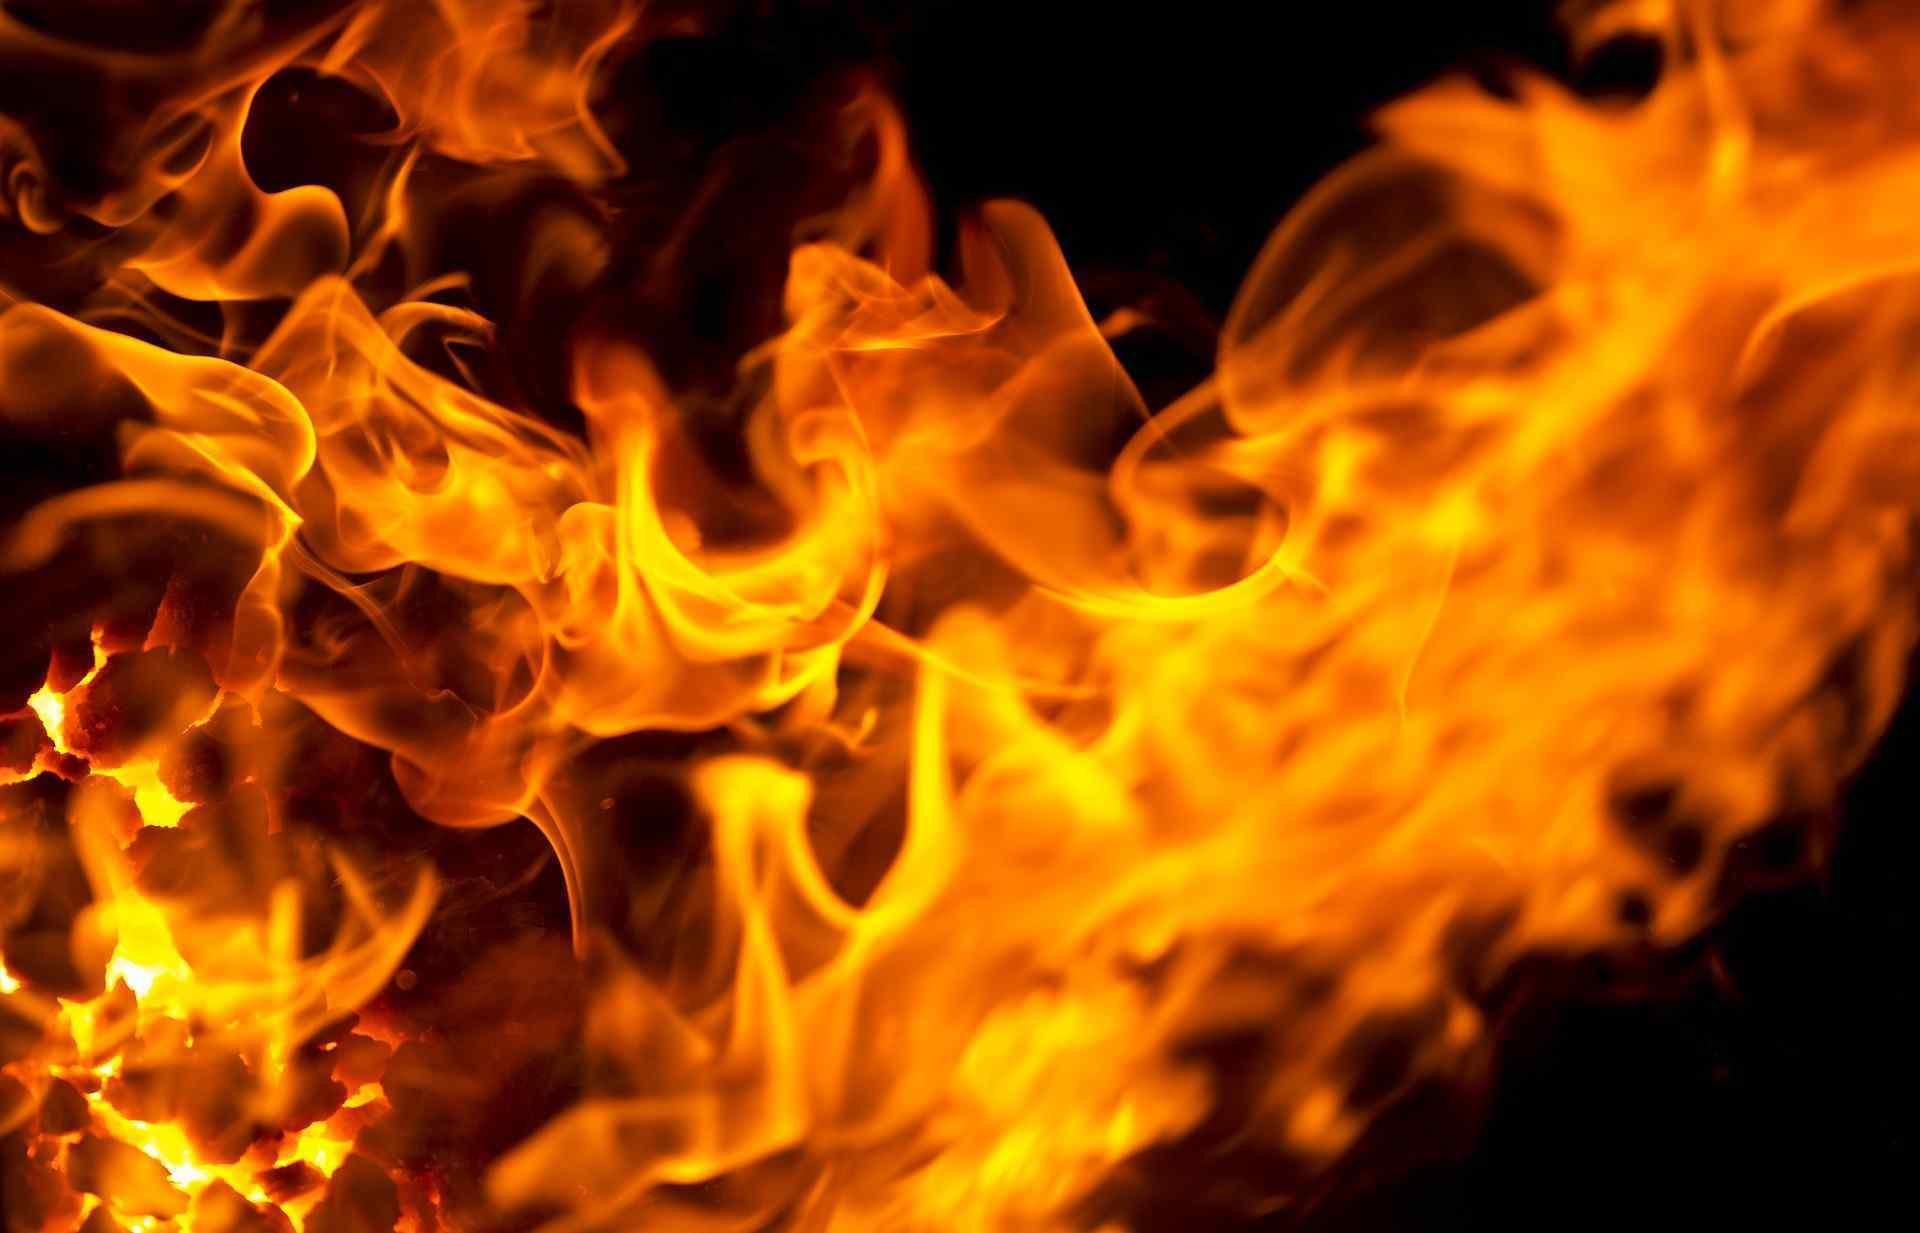 Пожар в торговом павильоне: подробности. Новости Днепра